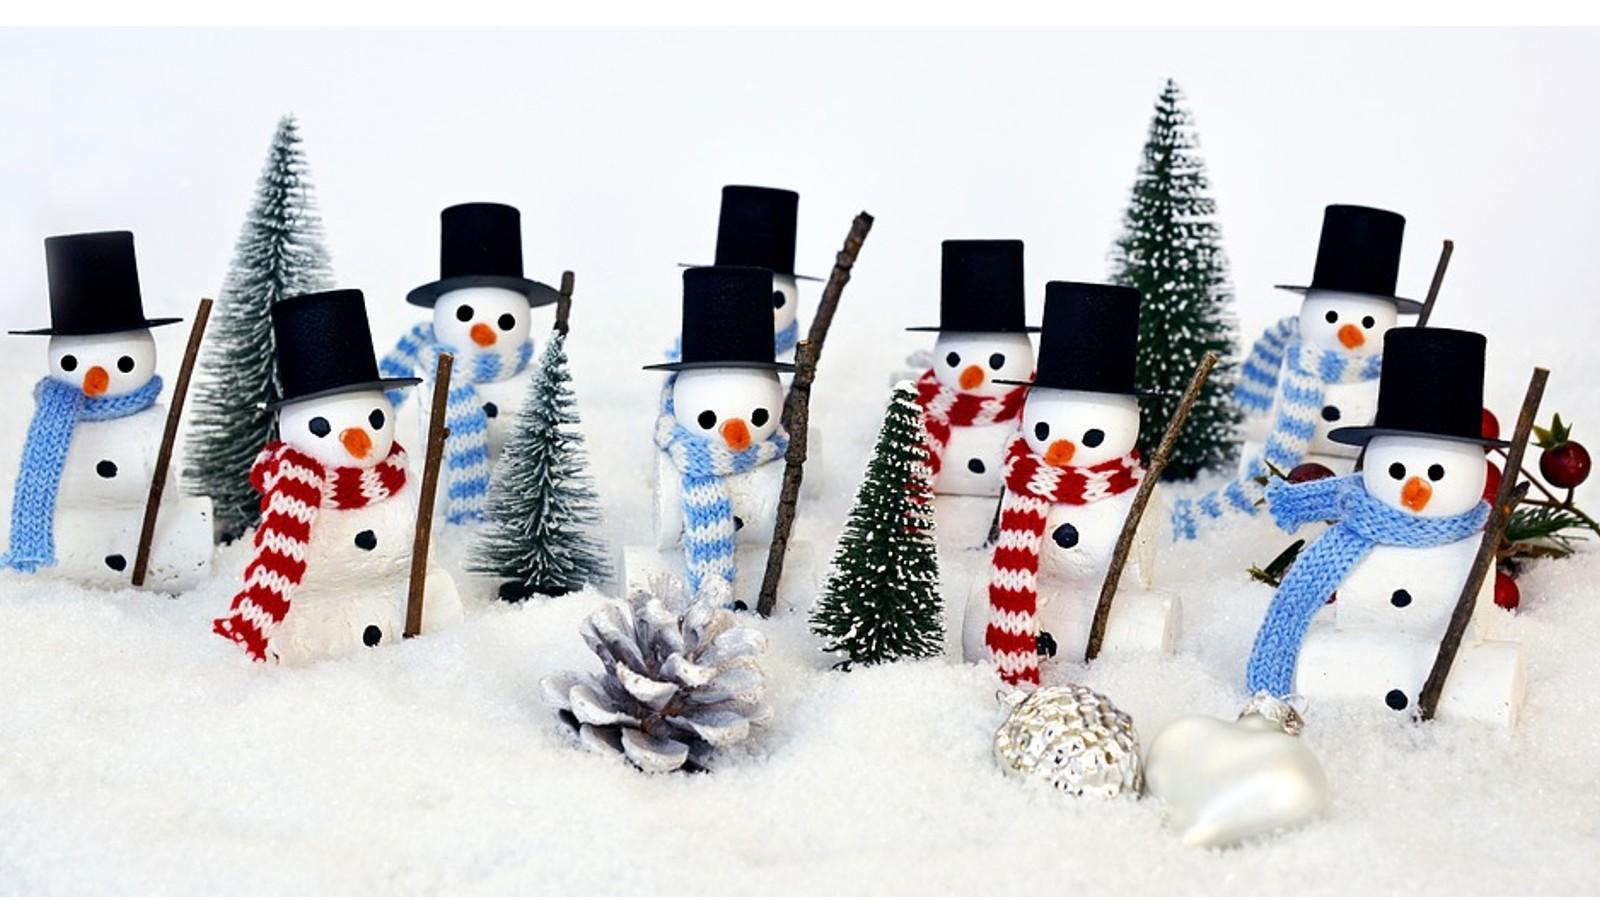 Basteln Sie schönen Weihnachtsbaumschmuck mit Kindern, aus Tannenzapfen oder Styroporkugeln.